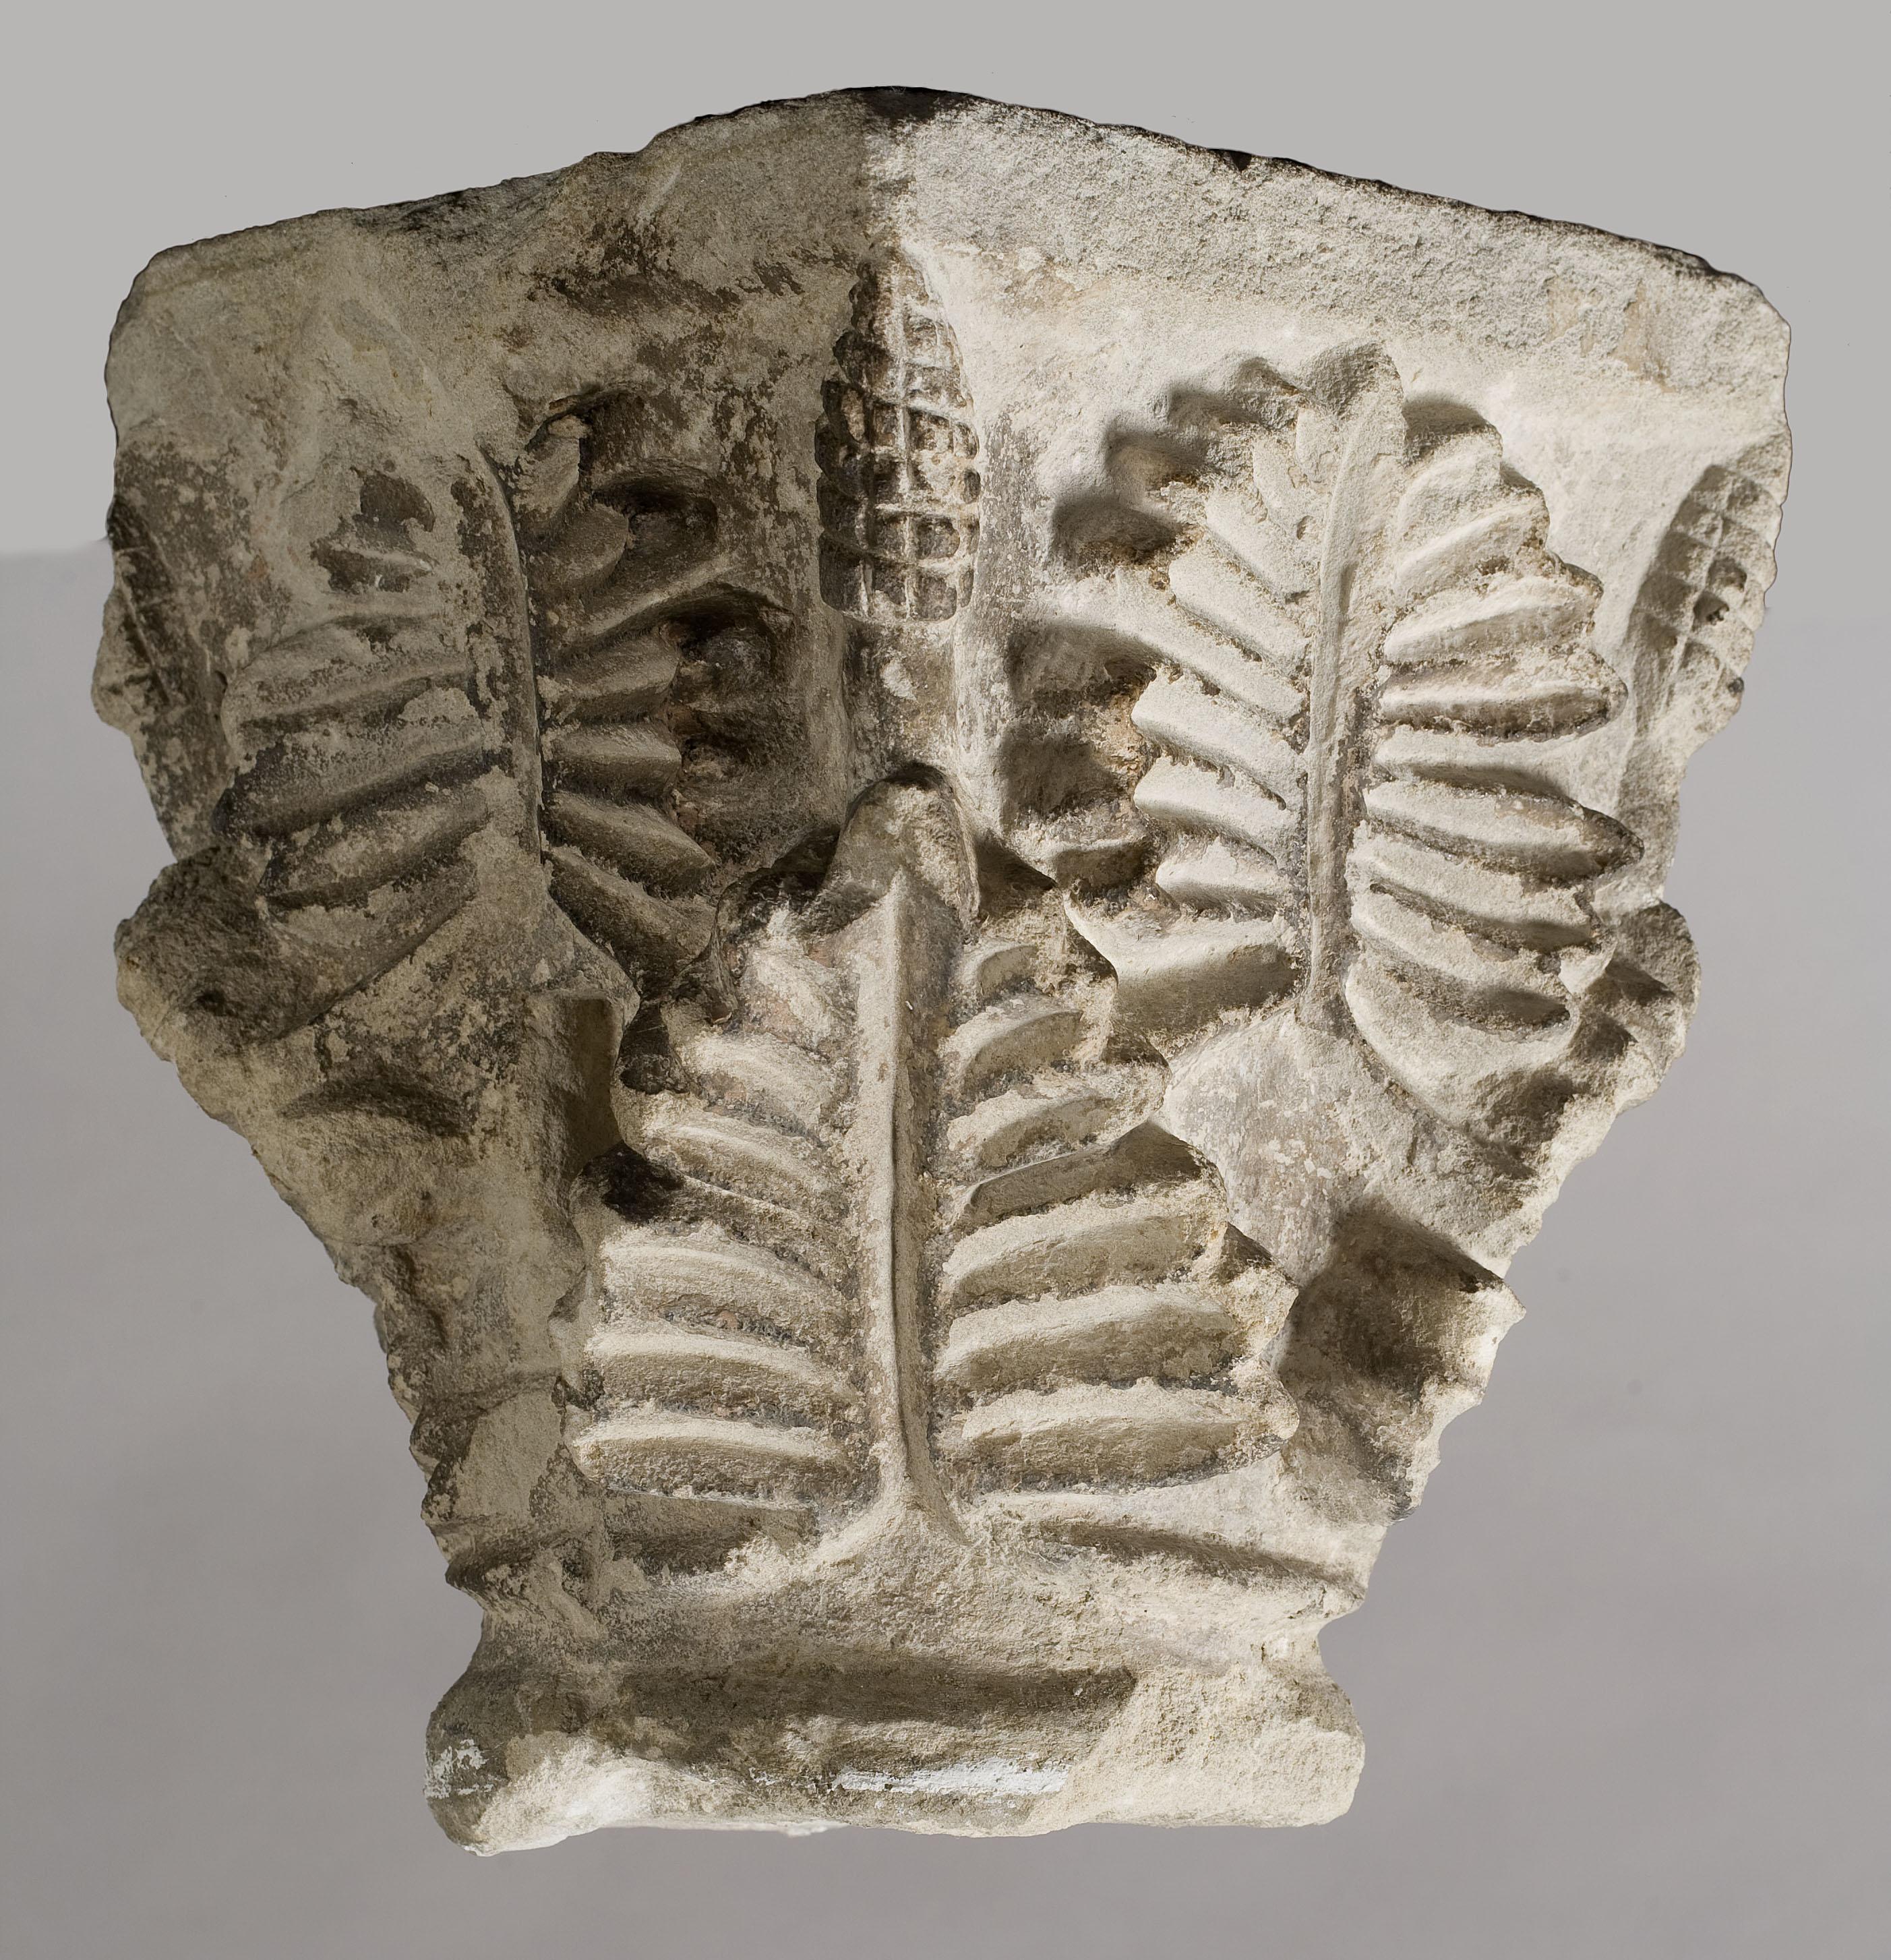 Anònim - Capitell amb decoració de grans fulles i petites pinyes - Segle XIII